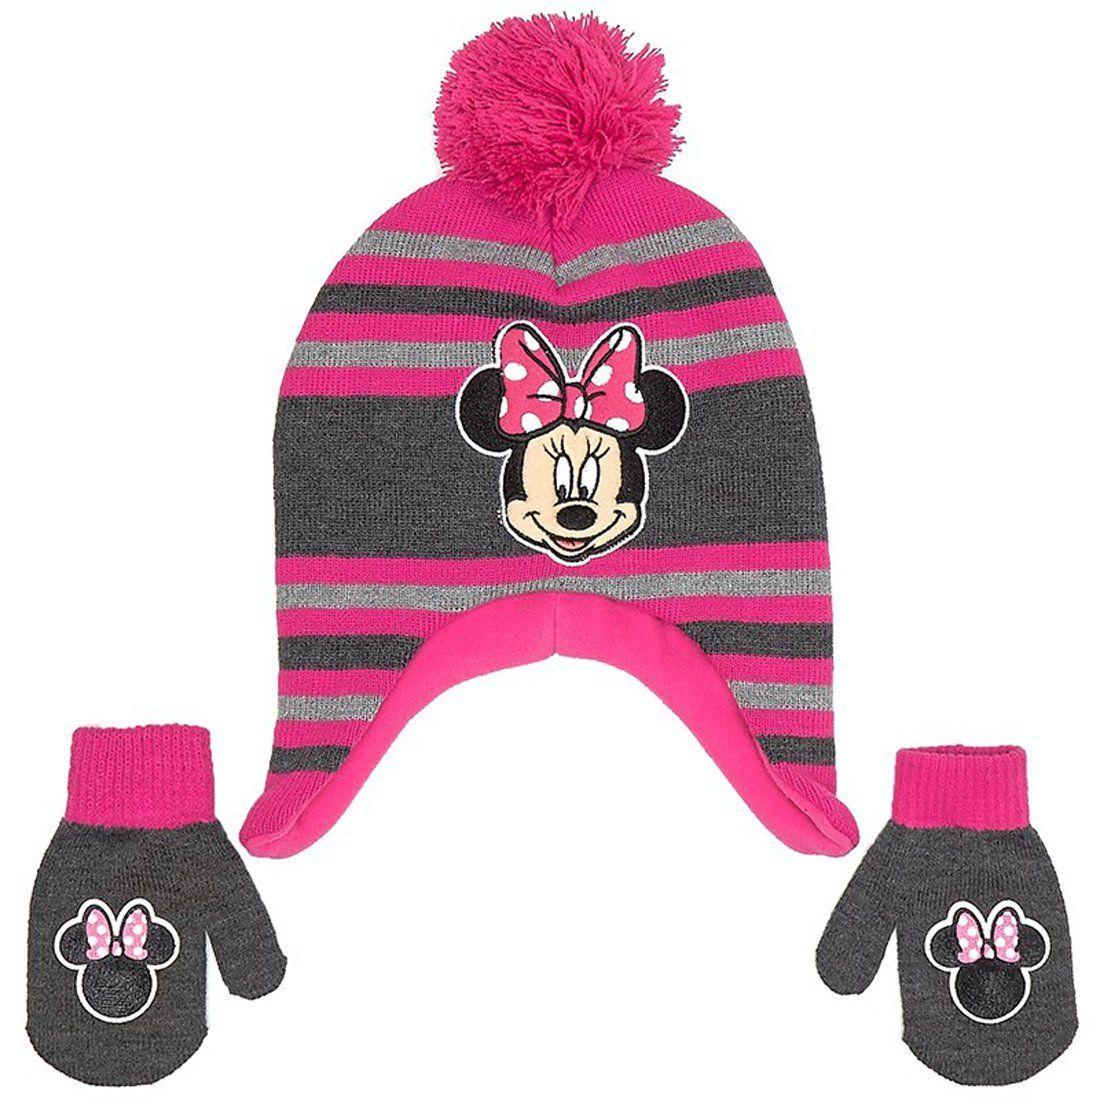 Disney Minnie Mouse Toddler Little Girls Pink Hat and Mitten Set. Super  cute fleece winter 18e54e426a25